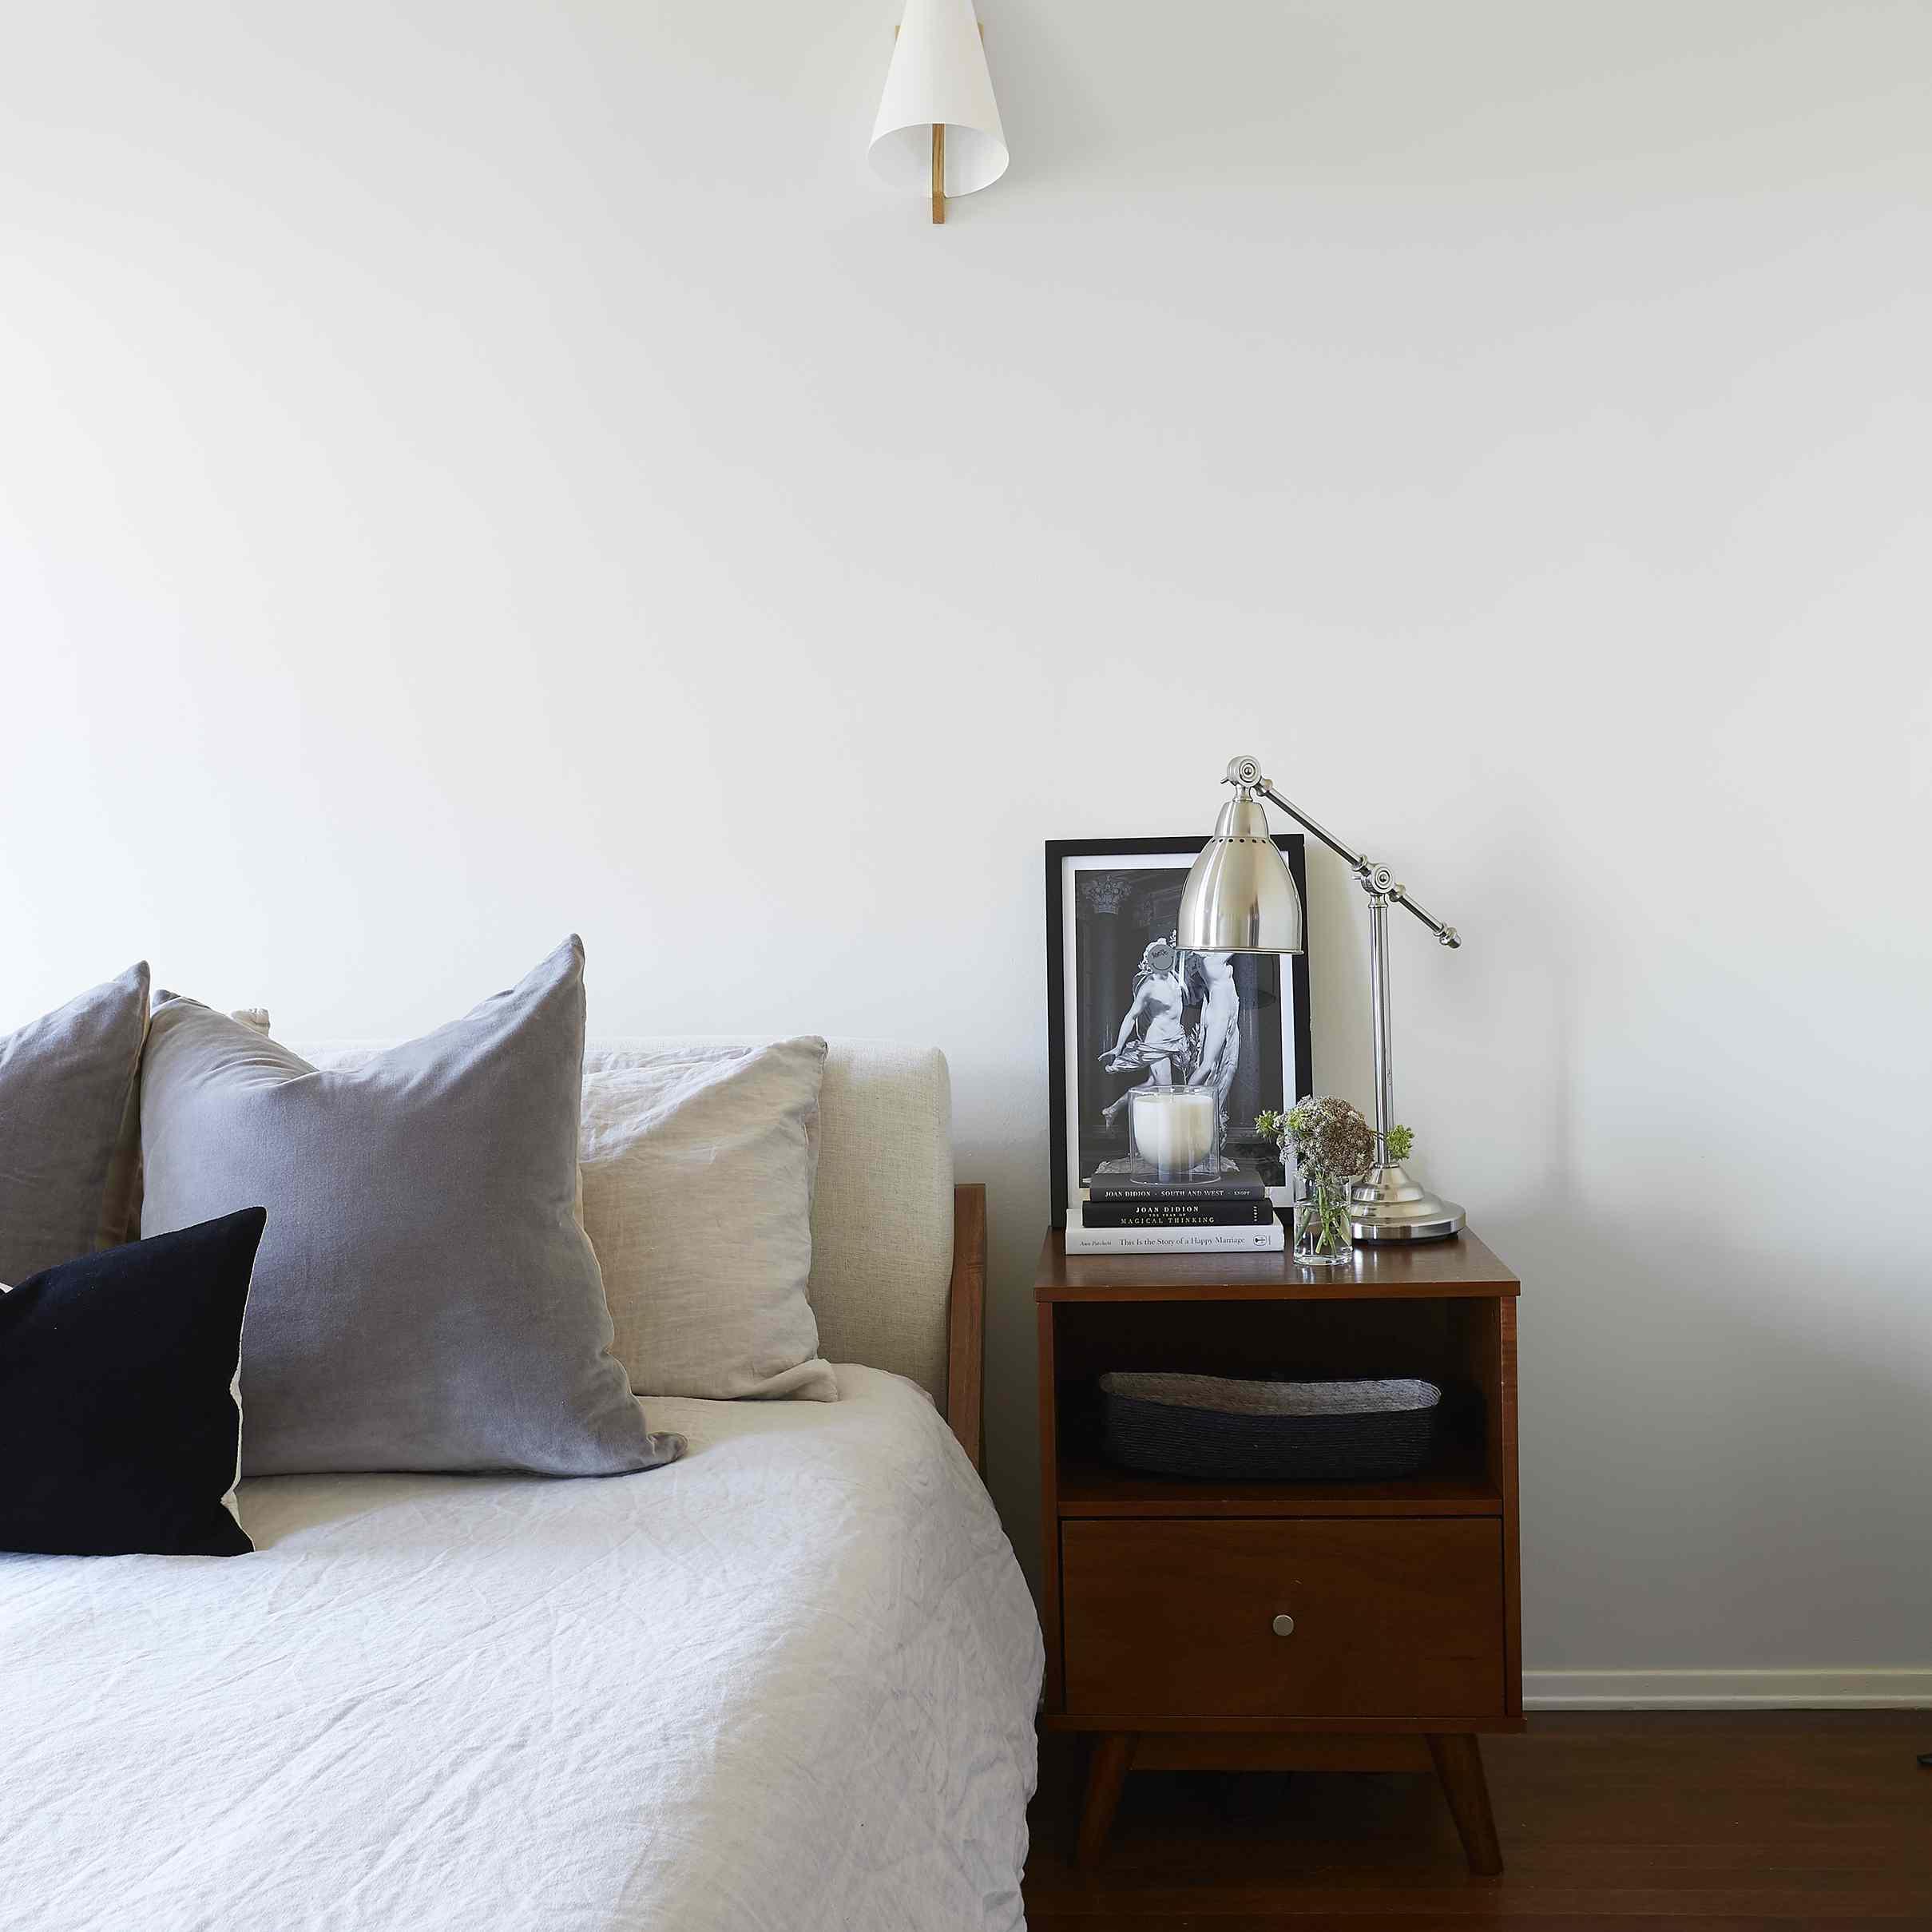 dormitorio moderno con fuentes de luz en capas